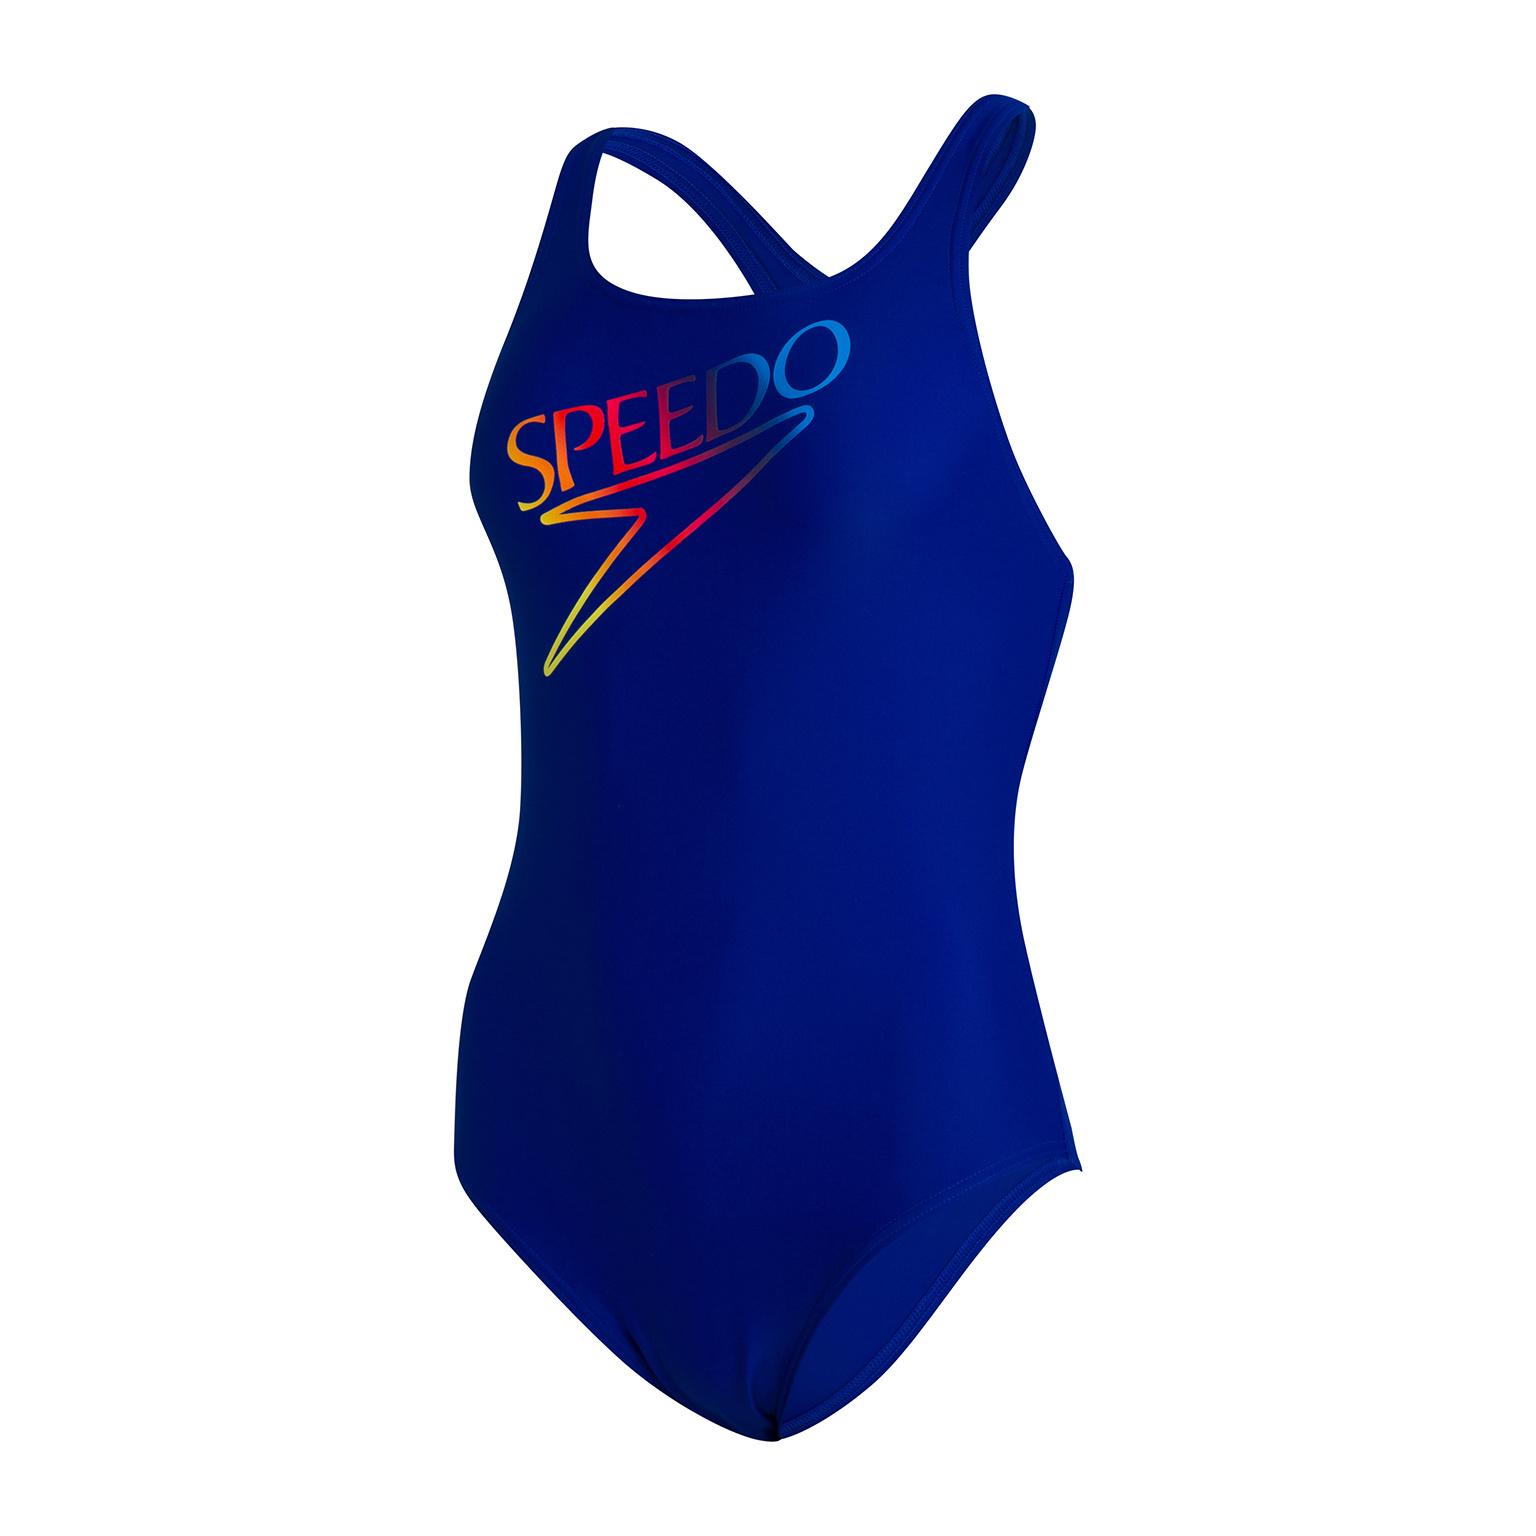 Speedo damesbadpak Printed Medalist blue-pink